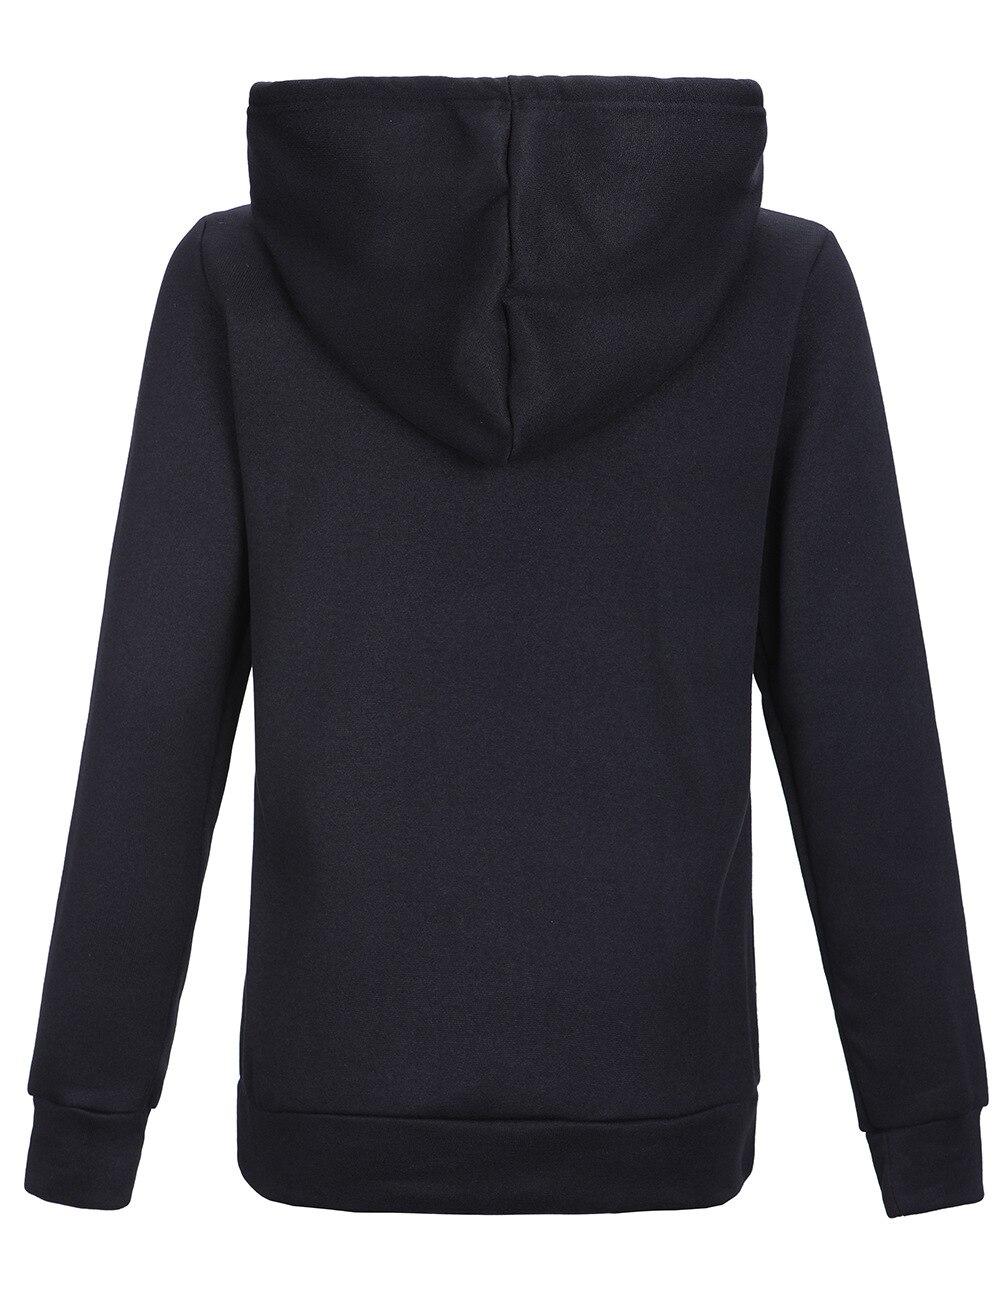 2018 novos hoodies dos homens das mulheres